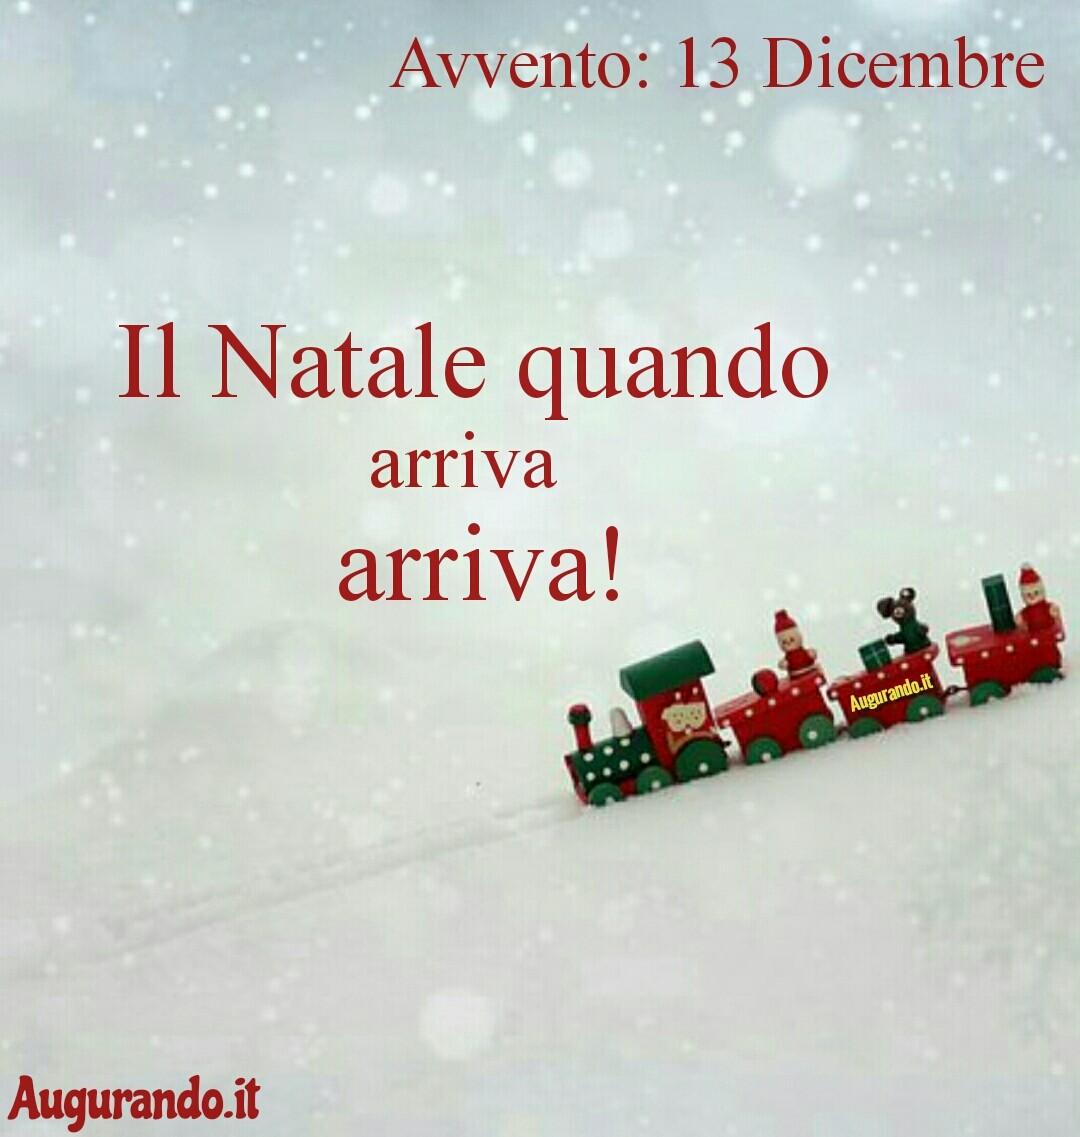 Giorno calendario Avvento 13 Dicembre